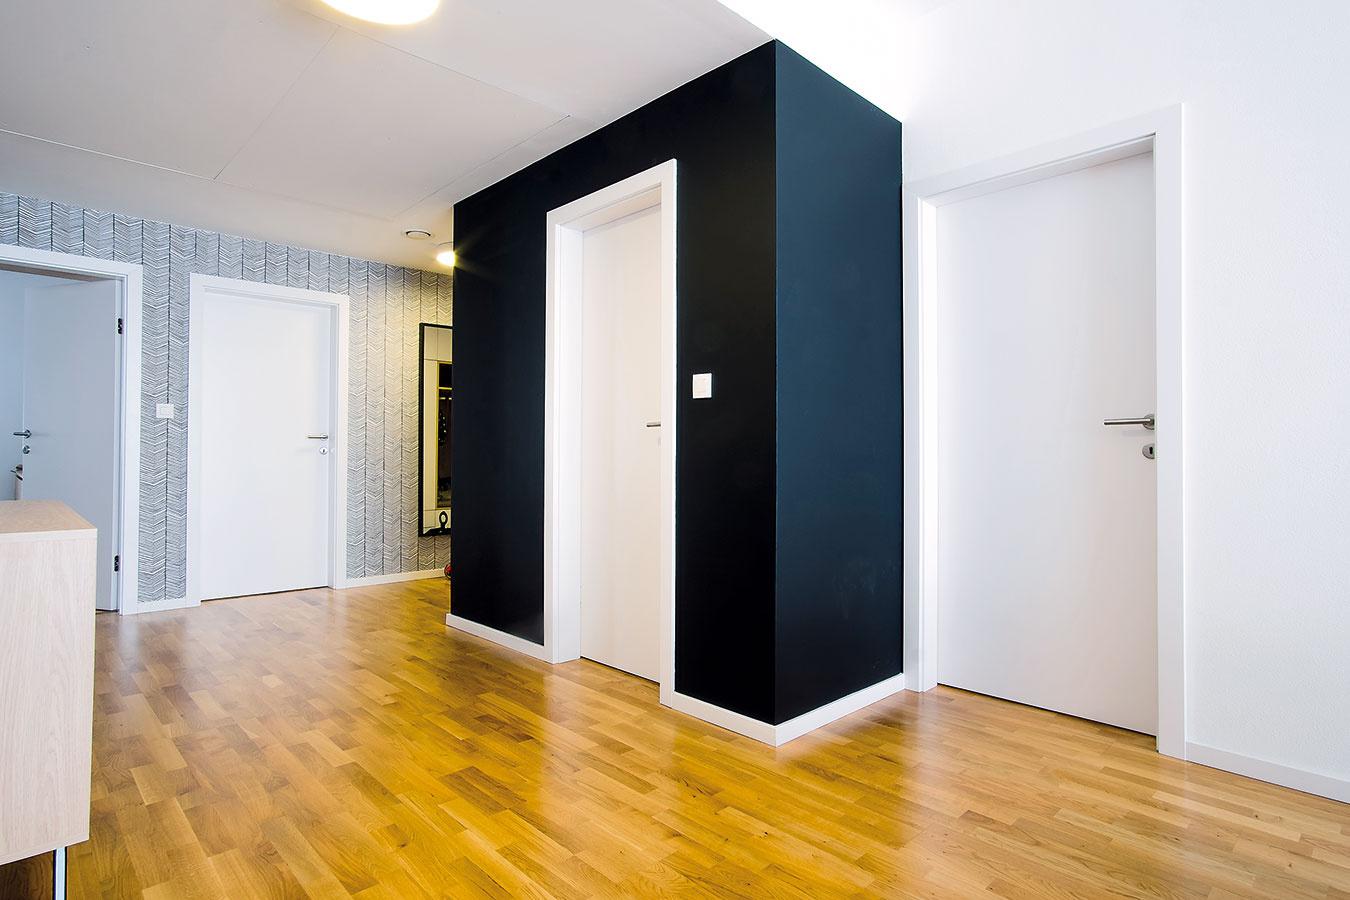 """Čierny tabuľový náter, ktorý sa objavuje ivtomto byte, využívajú architektky zateliéru KNBD pomerne často. """"Pôsobí zvláštne zamatovo apodľa nás útulne. Skutočnosť, že sa dá popísať anásledne zotrieť, je bonus navyše,"""" hovorí Kristína."""